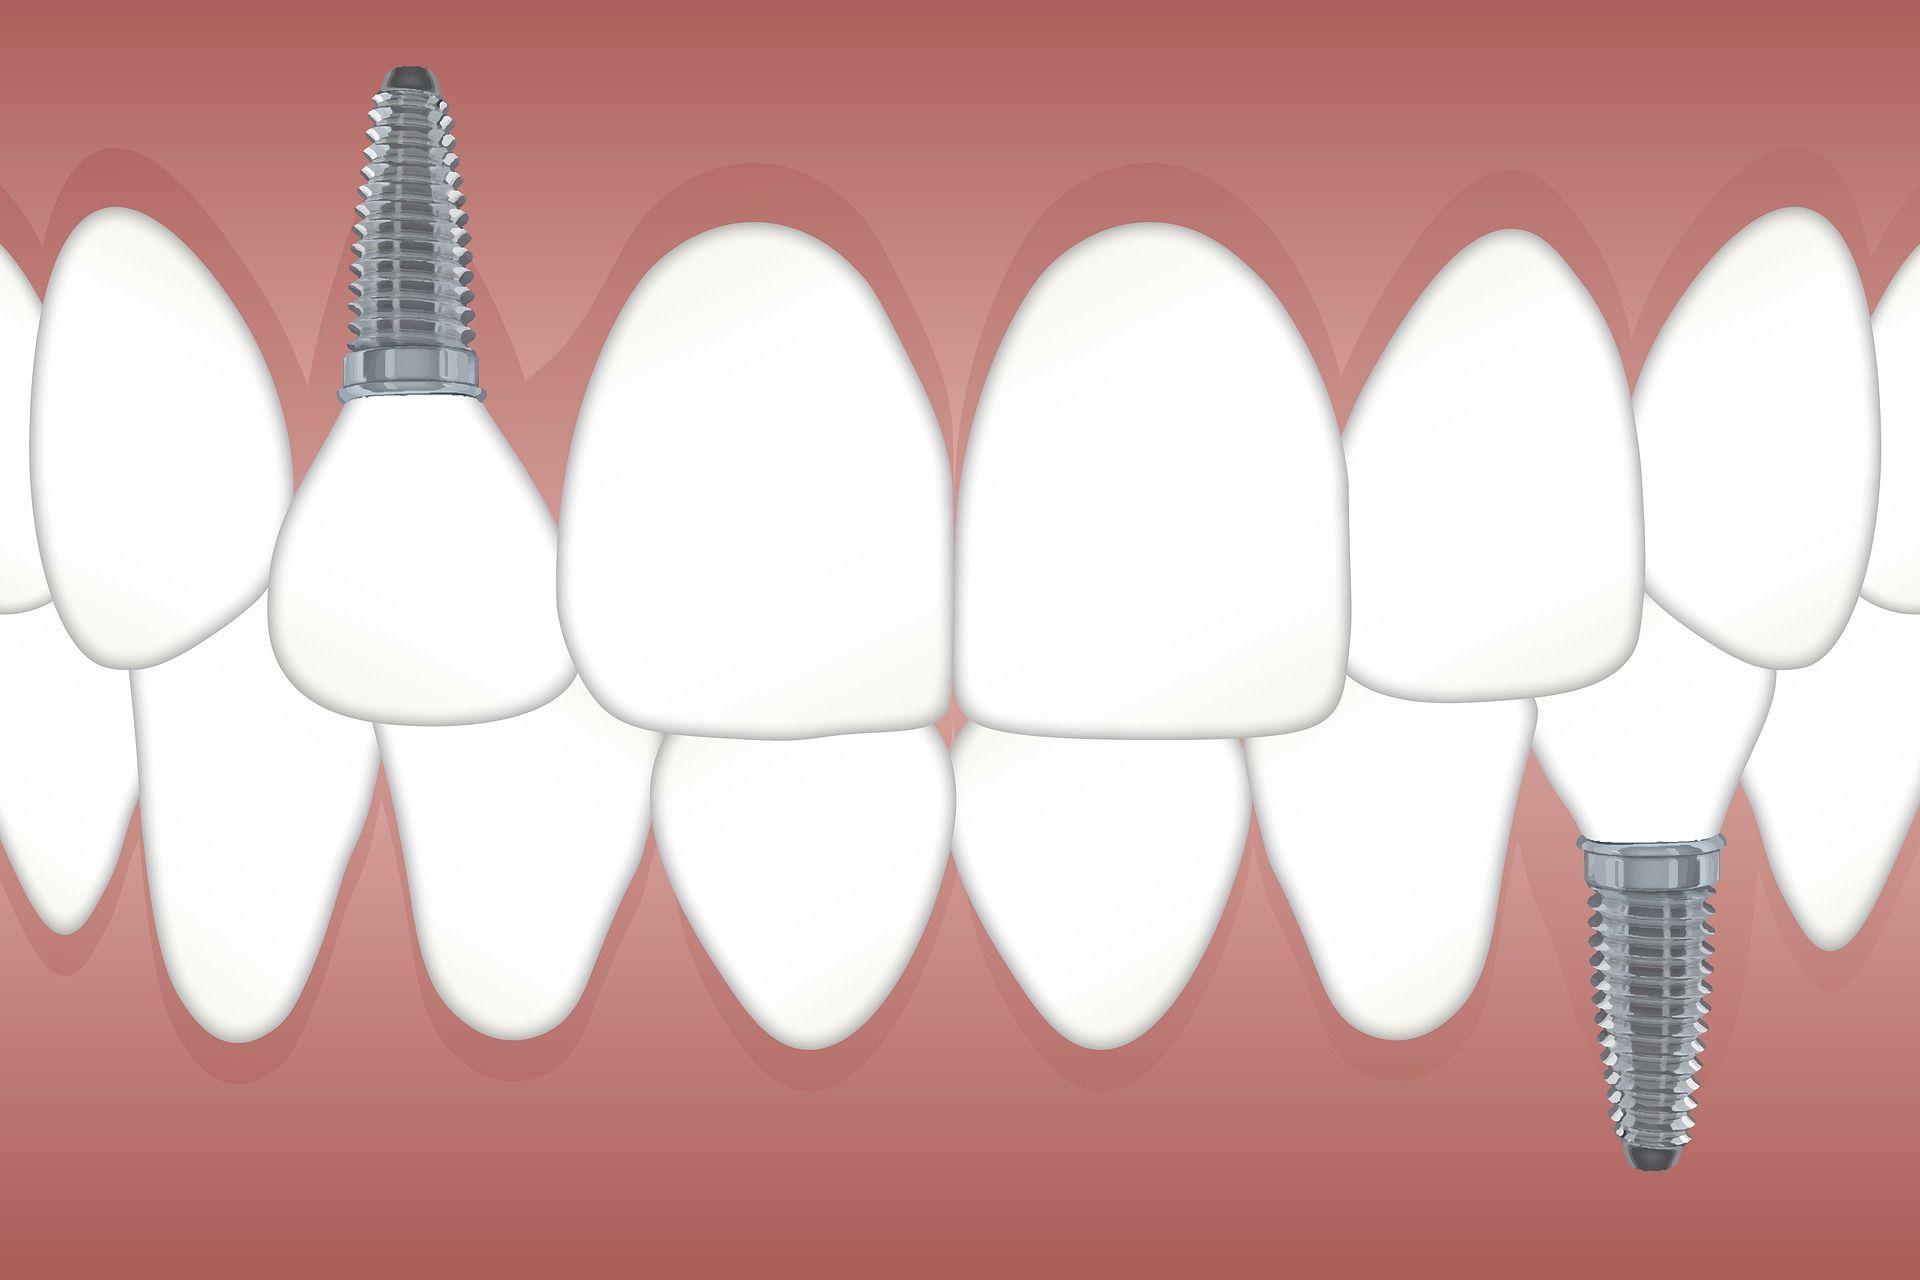 Si se quiere una buena salud bucodental es importante reponer los dientes perdidos a la mayor brevedad posible